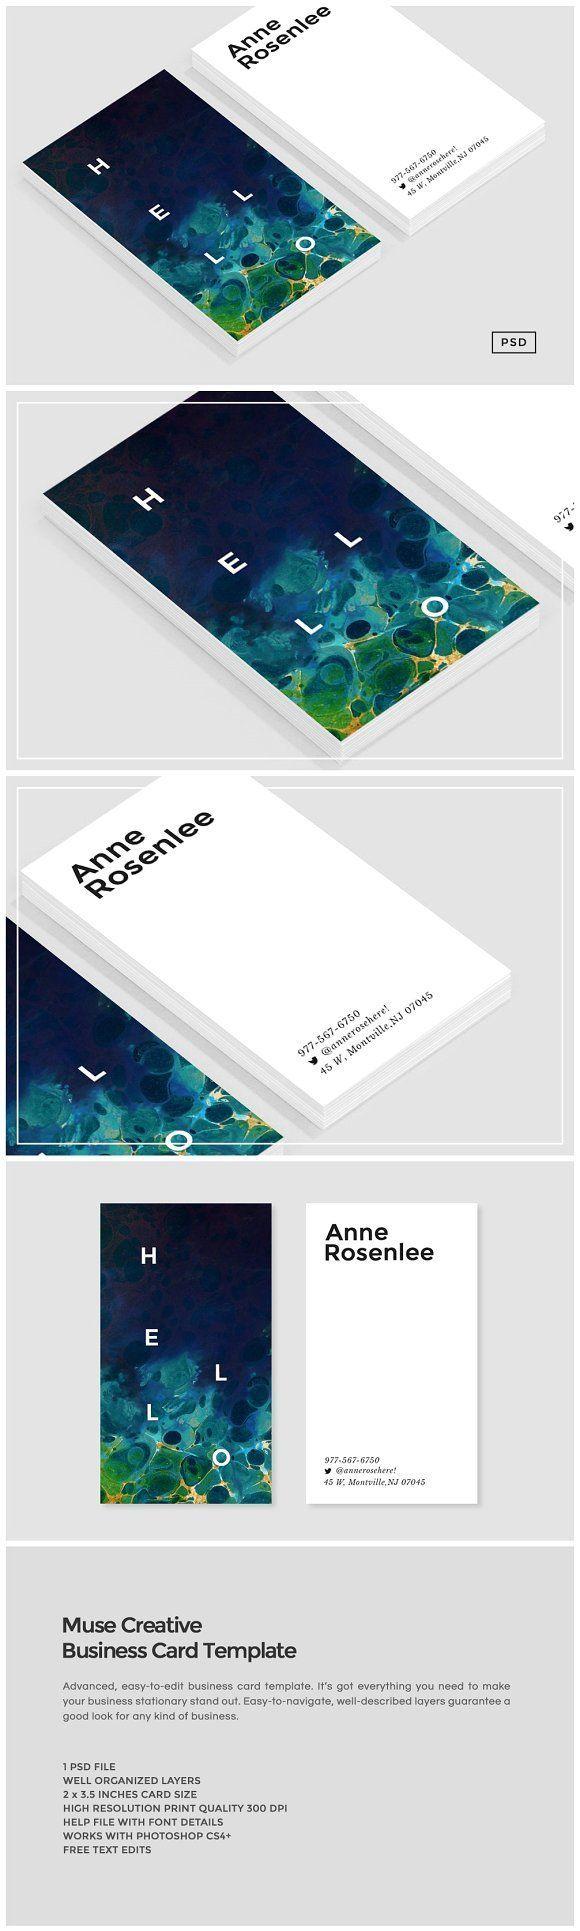 9311 Best Unique Business Card Design Images On Pinterest Business